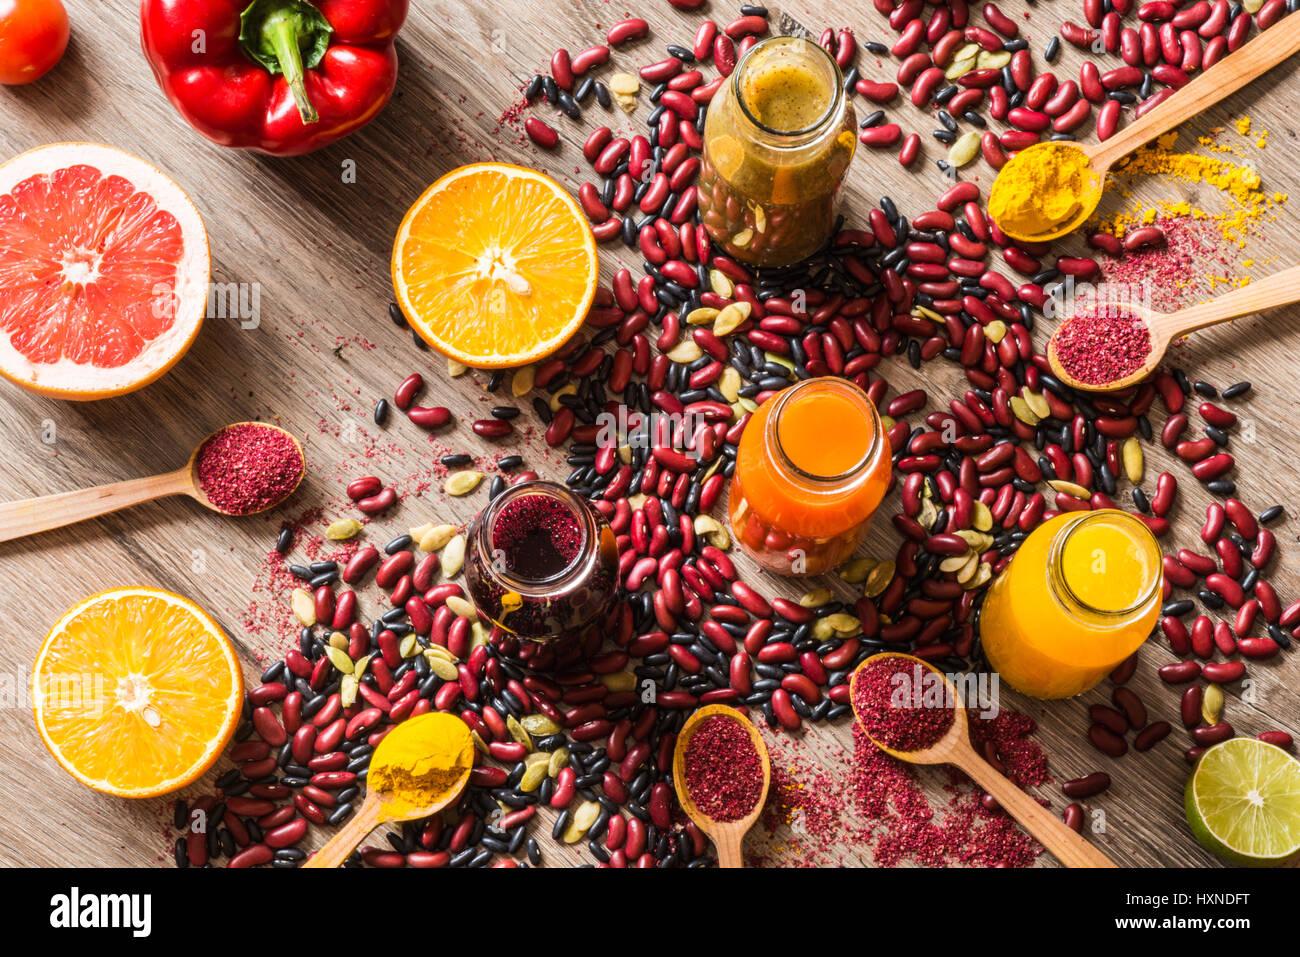 Dieta de desintoxicación. Los diferentes jugos frescos coloridos vista superior. Imagen De Stock